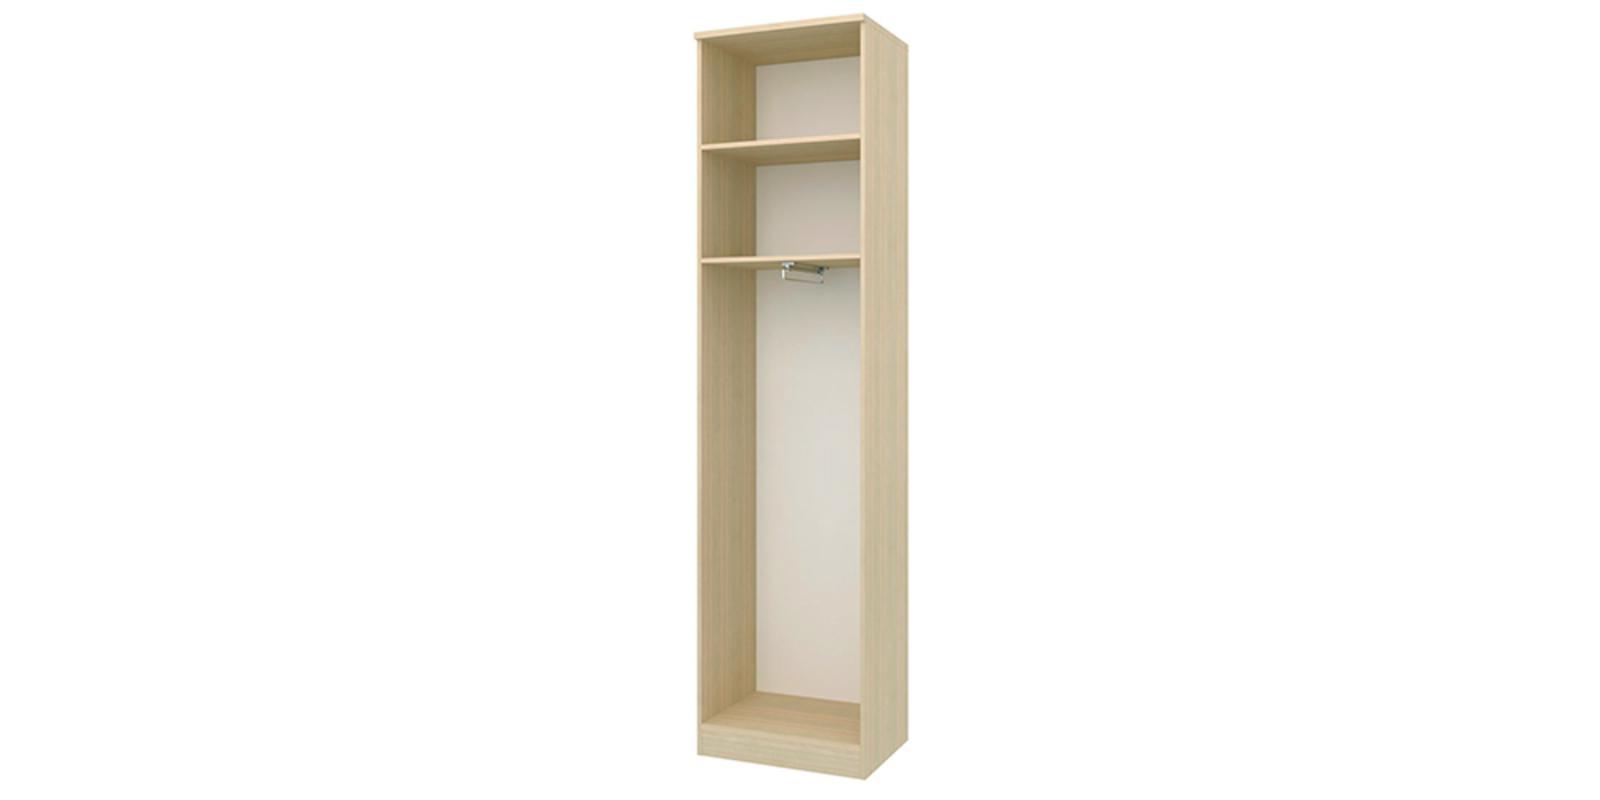 Шкаф распашной двухдверный Мекка вариант №1 (дуб молочный) от HomeMe.ru